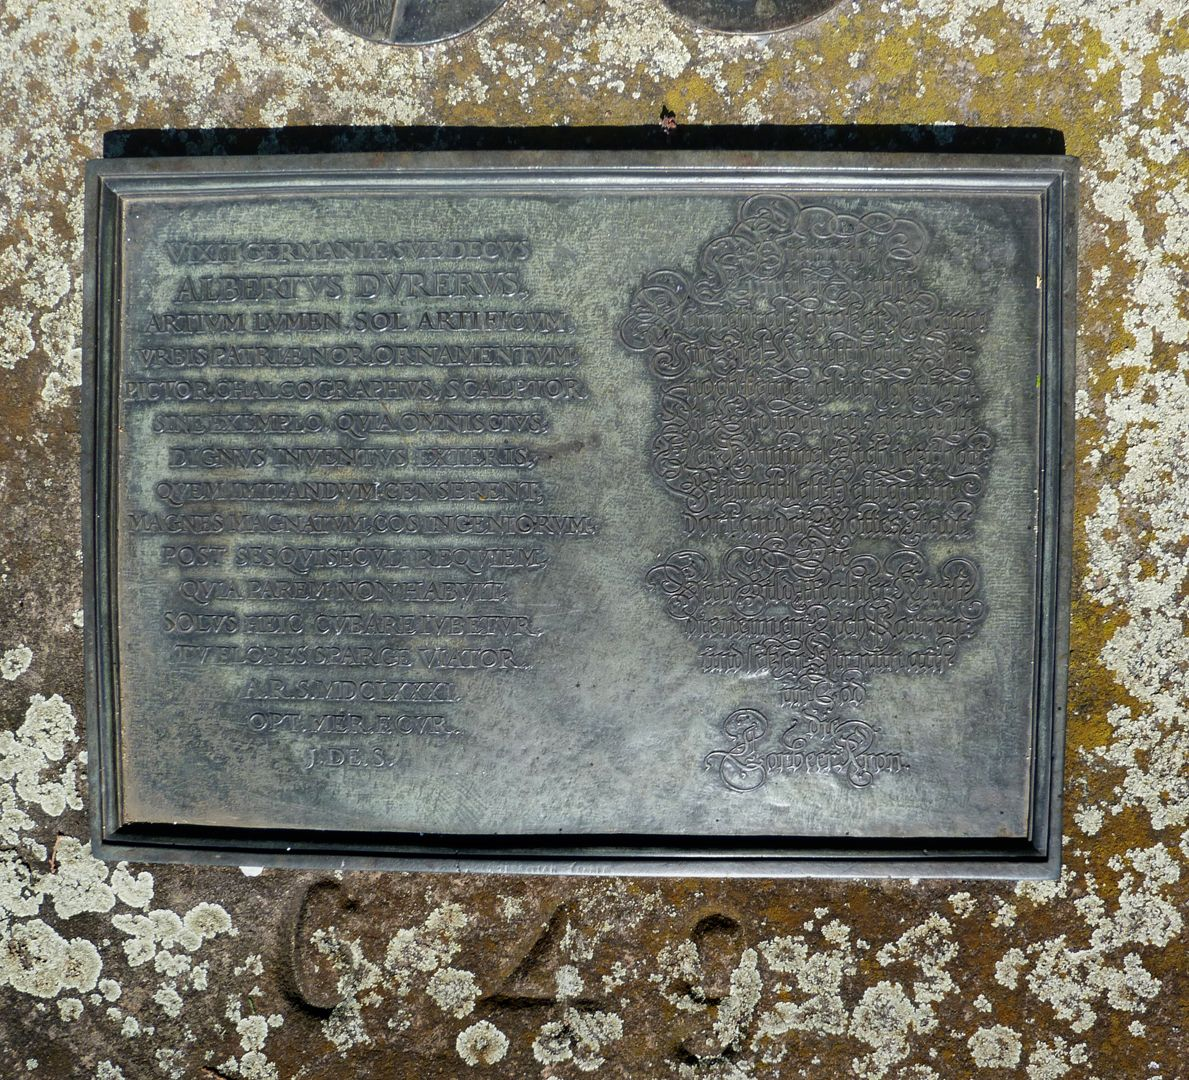 Albrecht Dürer Grabstätte Grabinschrift aus dem Jahre 1681 von Joachim von Sandrart